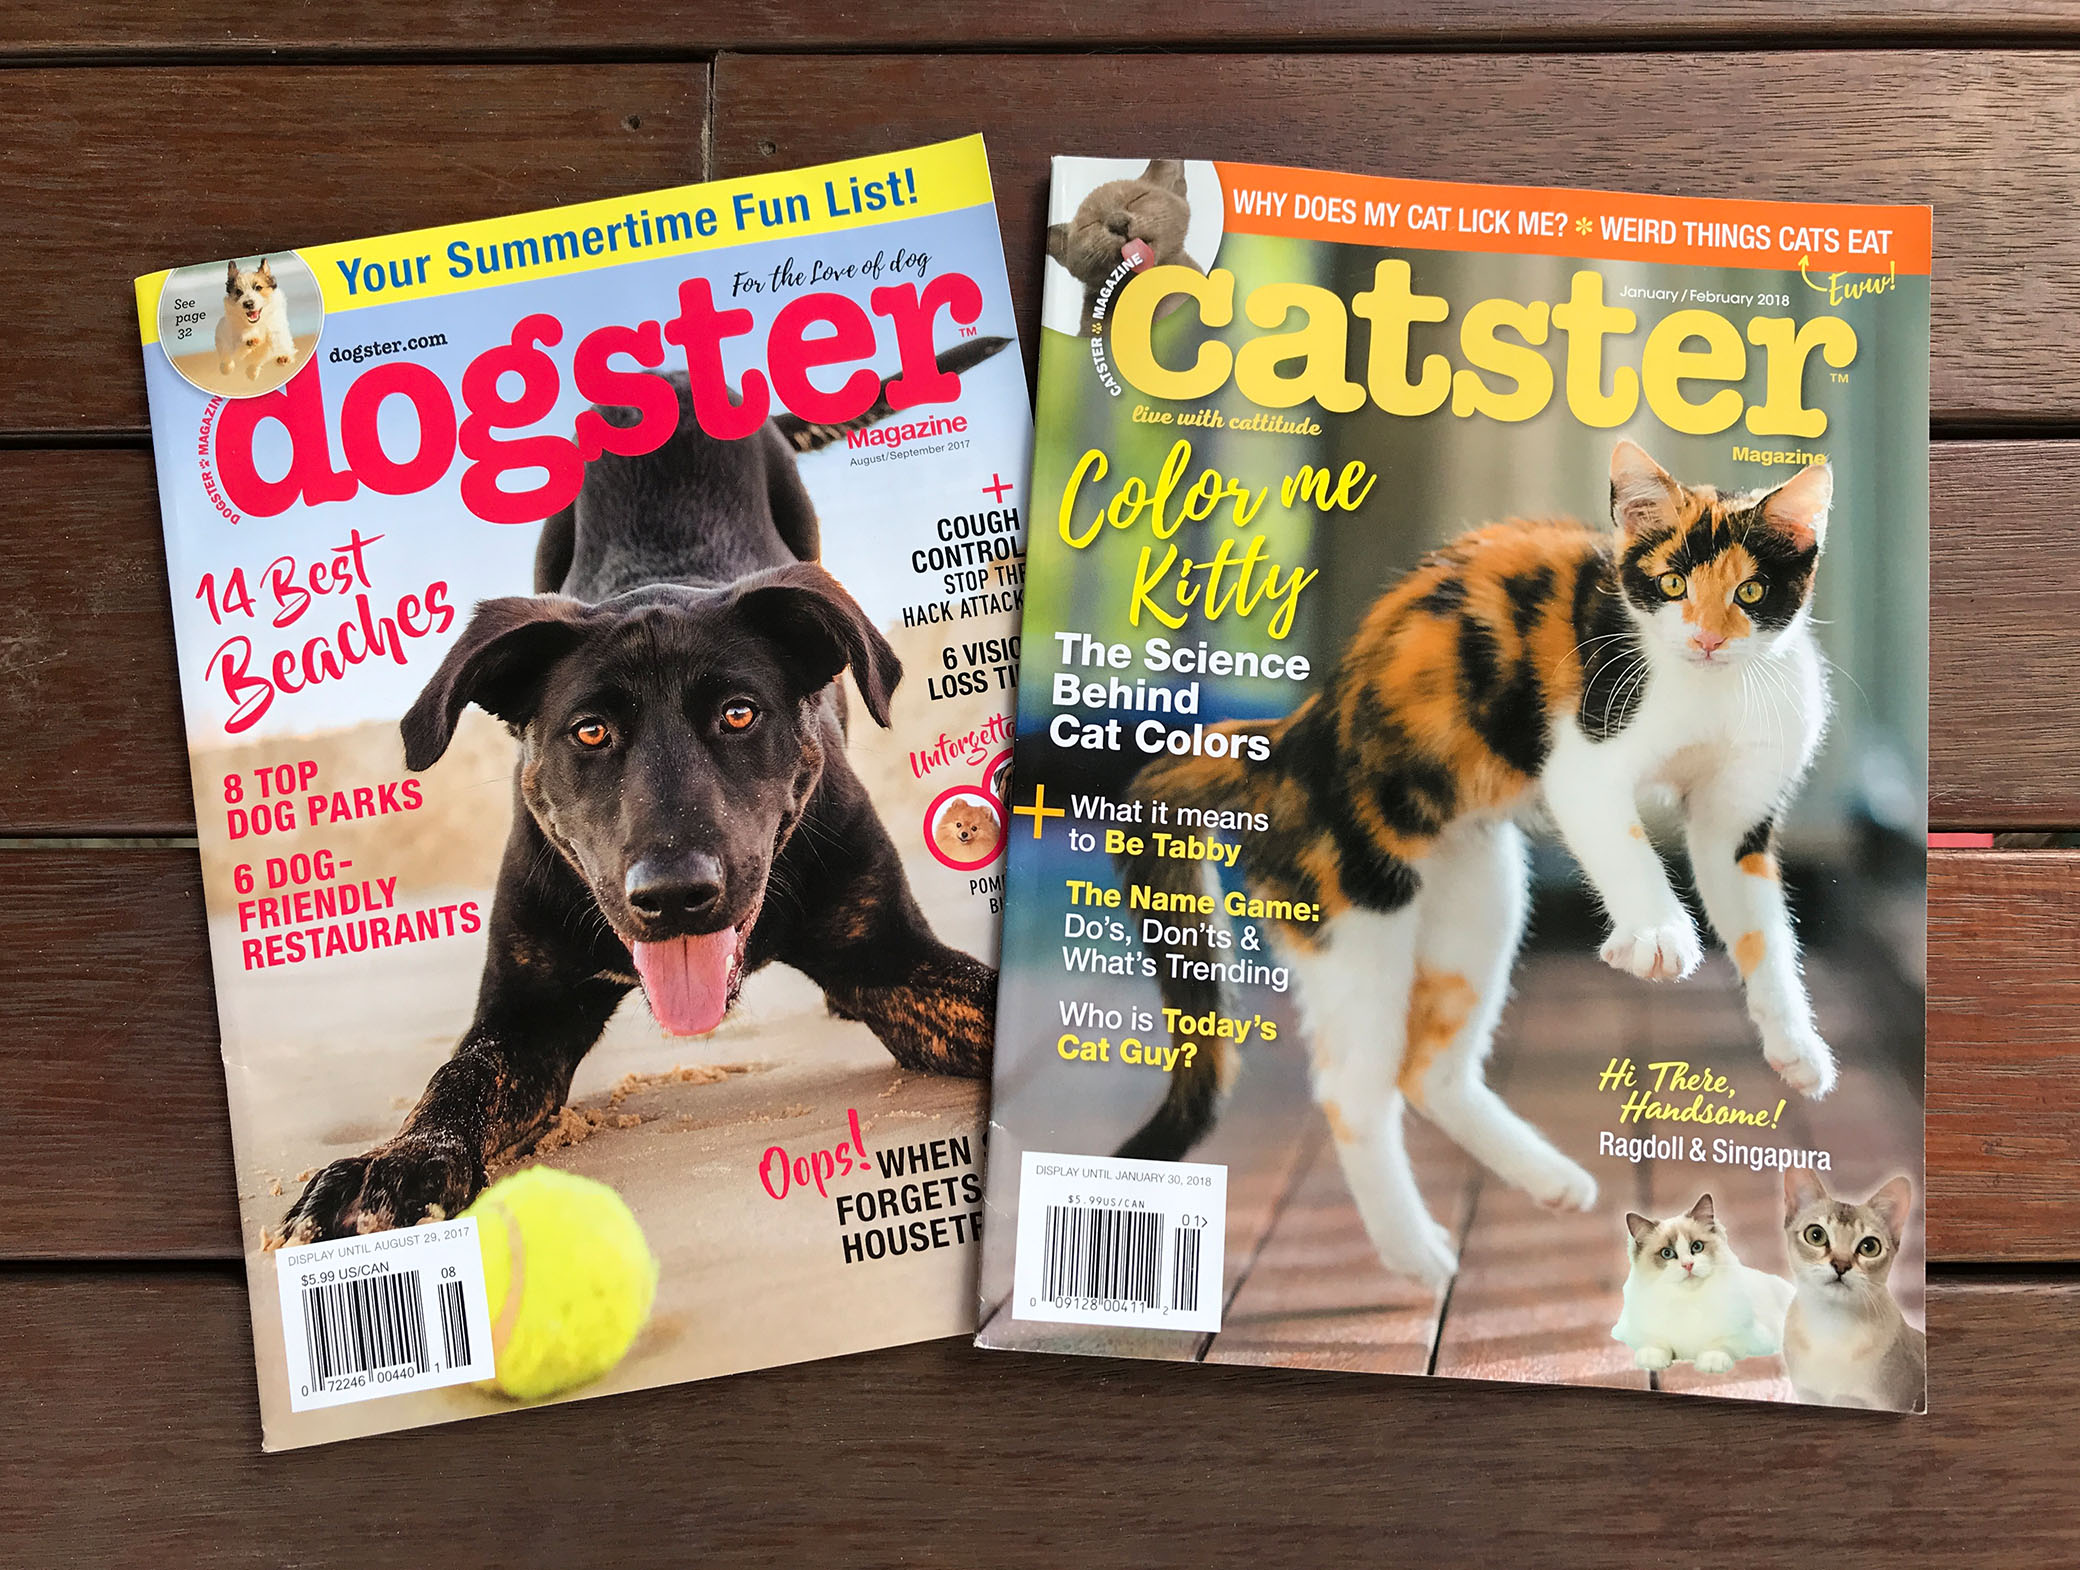 dogster-catster.jpg